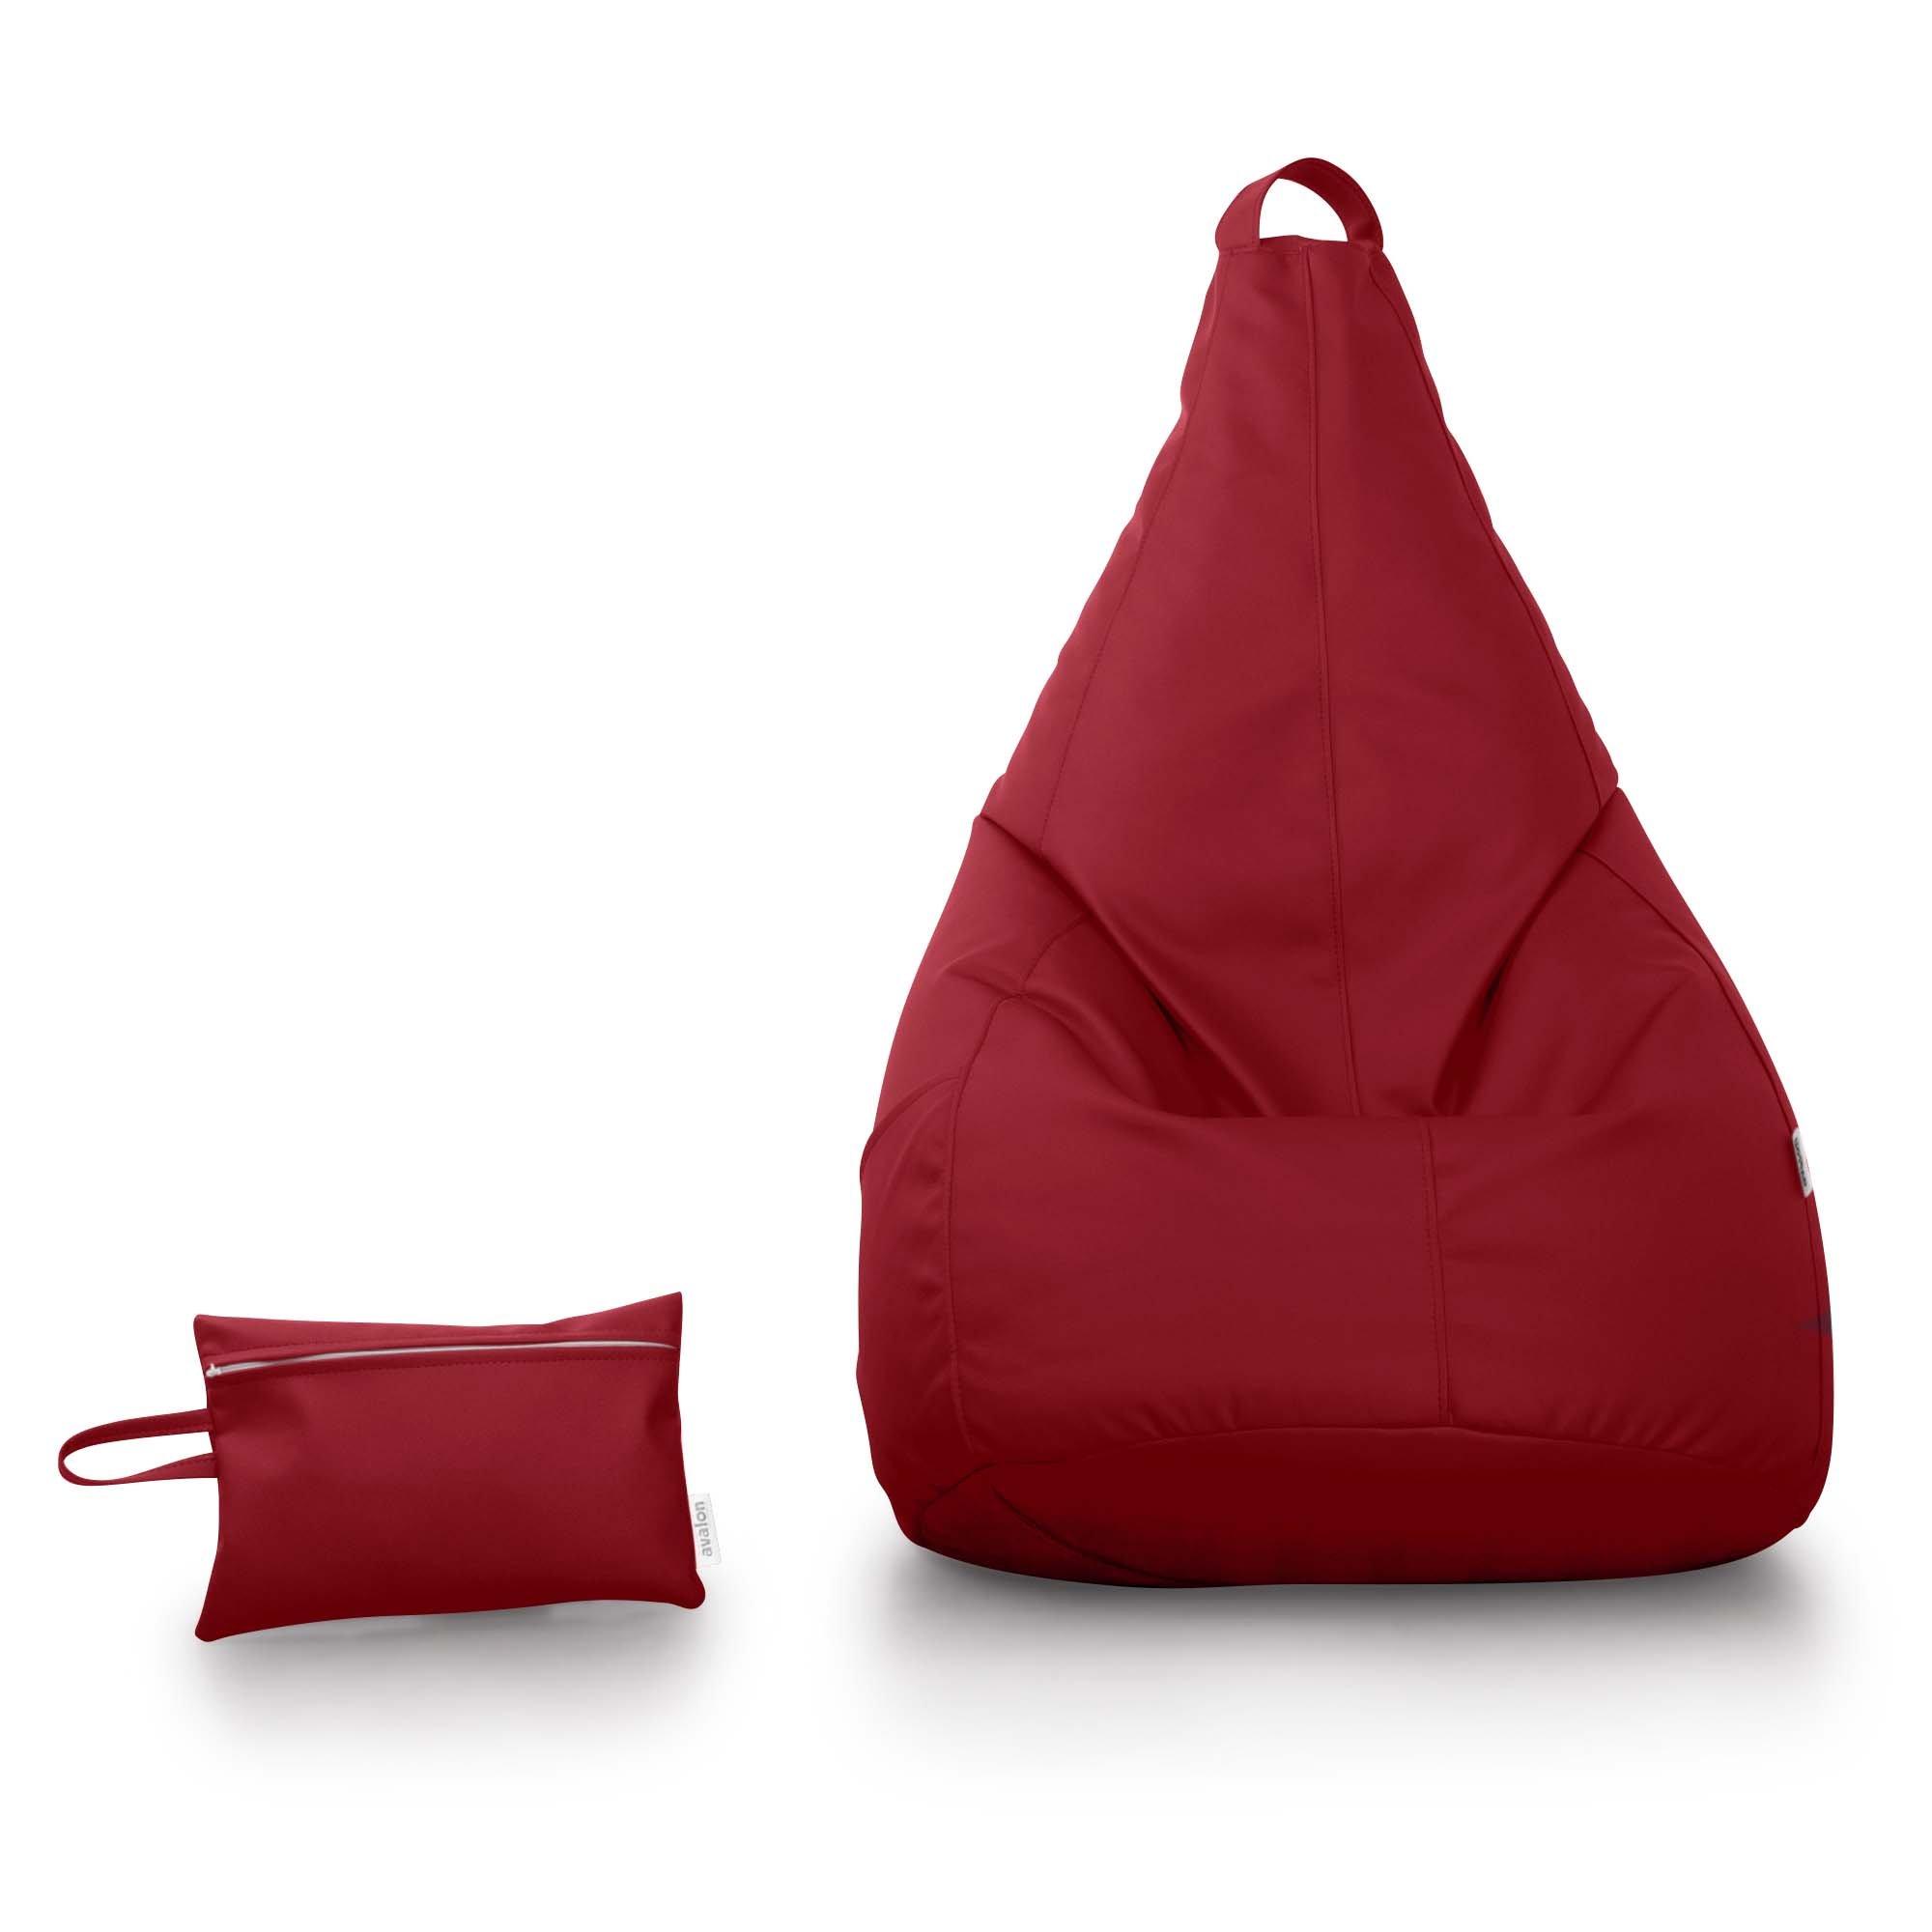 Cucire Poltrona Sacco.Avalon Pouf Poltrona Sacco Pera In Ecopelle Di Dim 70x130cm Made In Italy Pochette Omaggio Di Colore Rosso